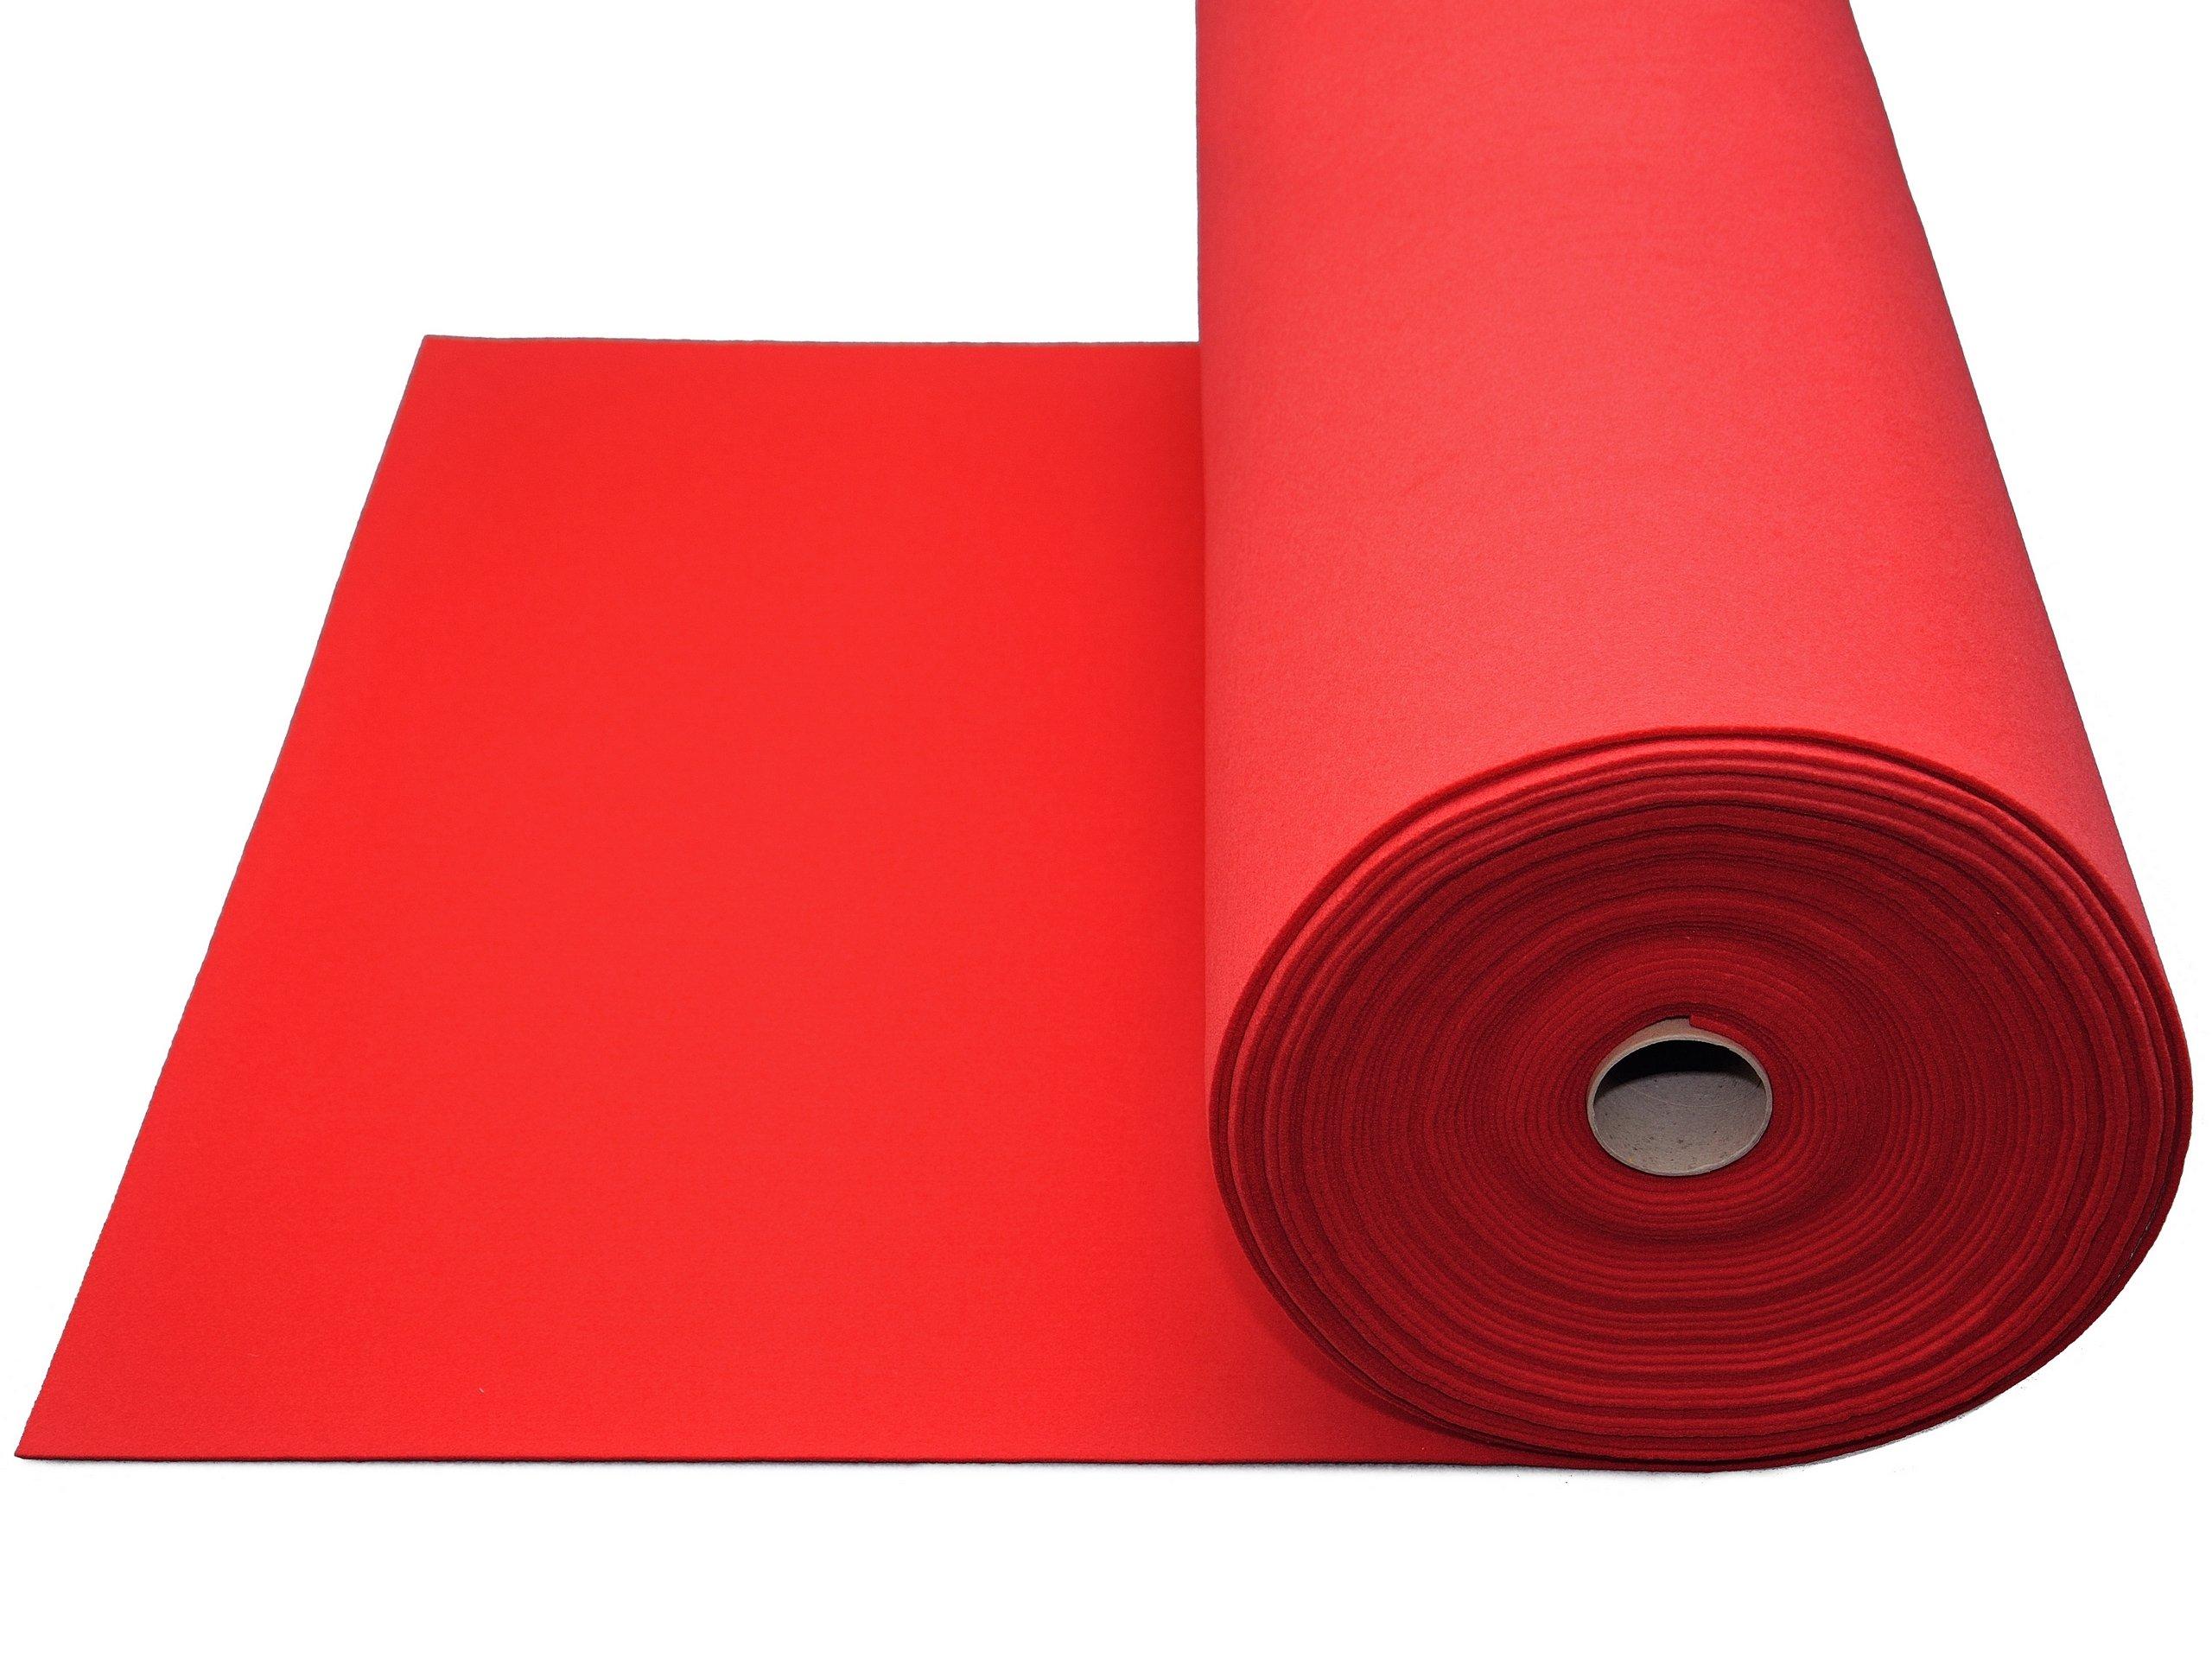 Item FELT RED PREMIUM 600 g/m2 SUPER QUALITY VARIUS